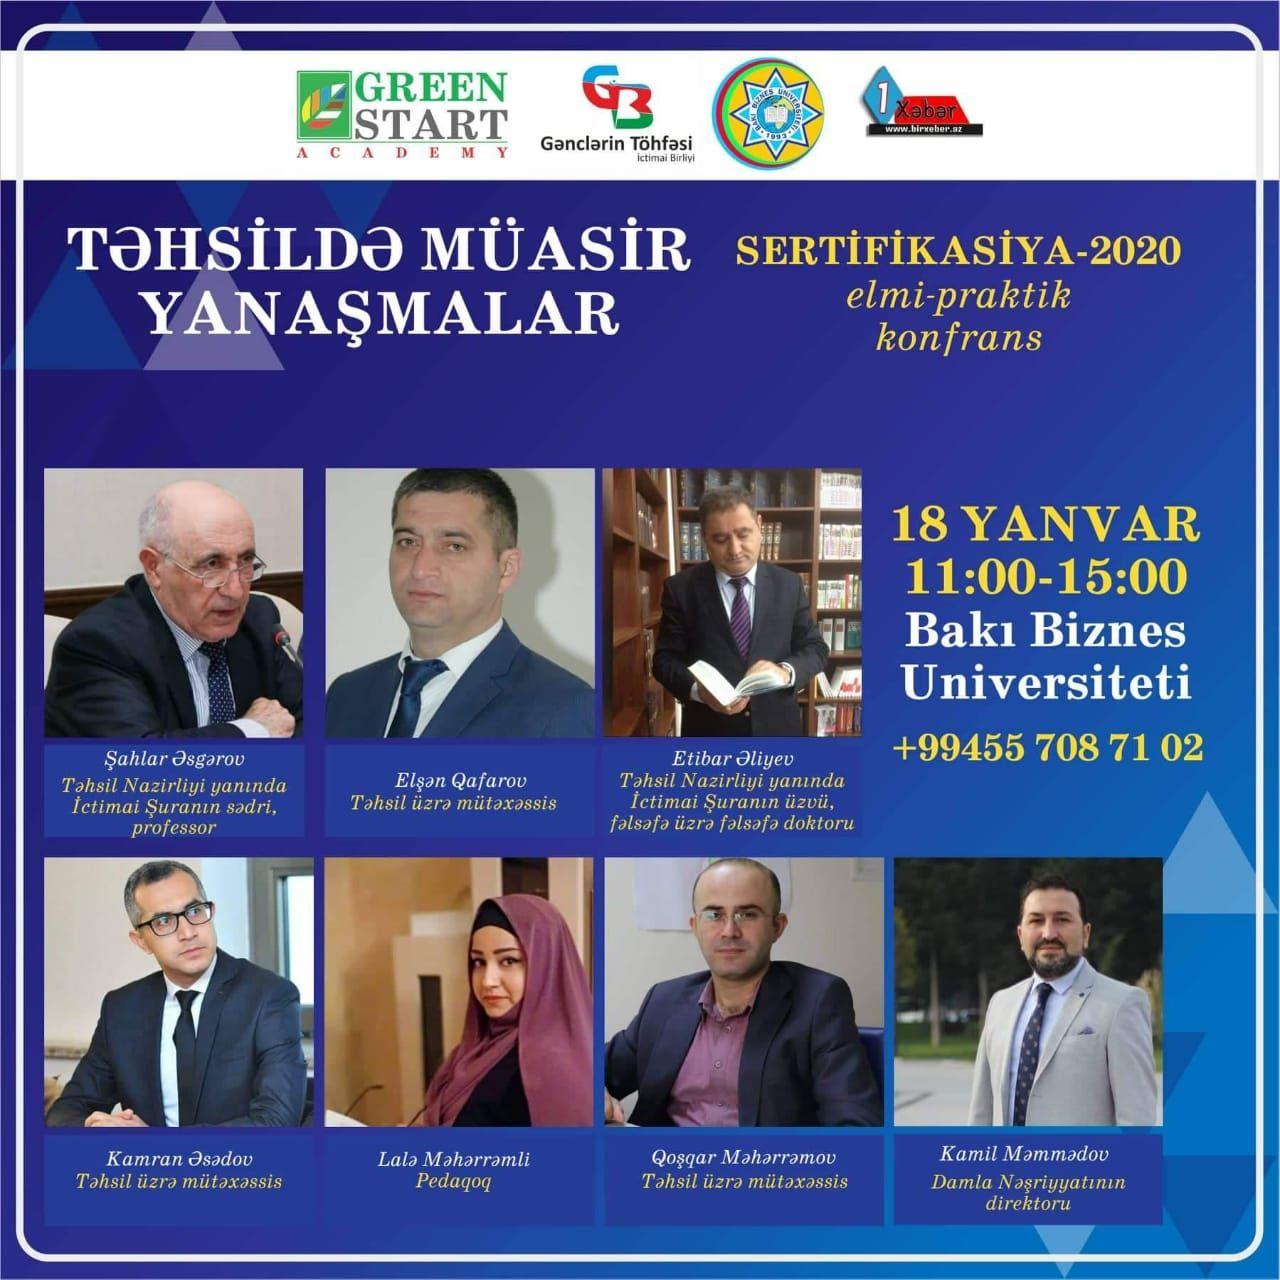 Təhsildə Muasir Yanasmalar Adli Elmi Praktiki Konfrans Instagram Photo And Video Instagram Photo